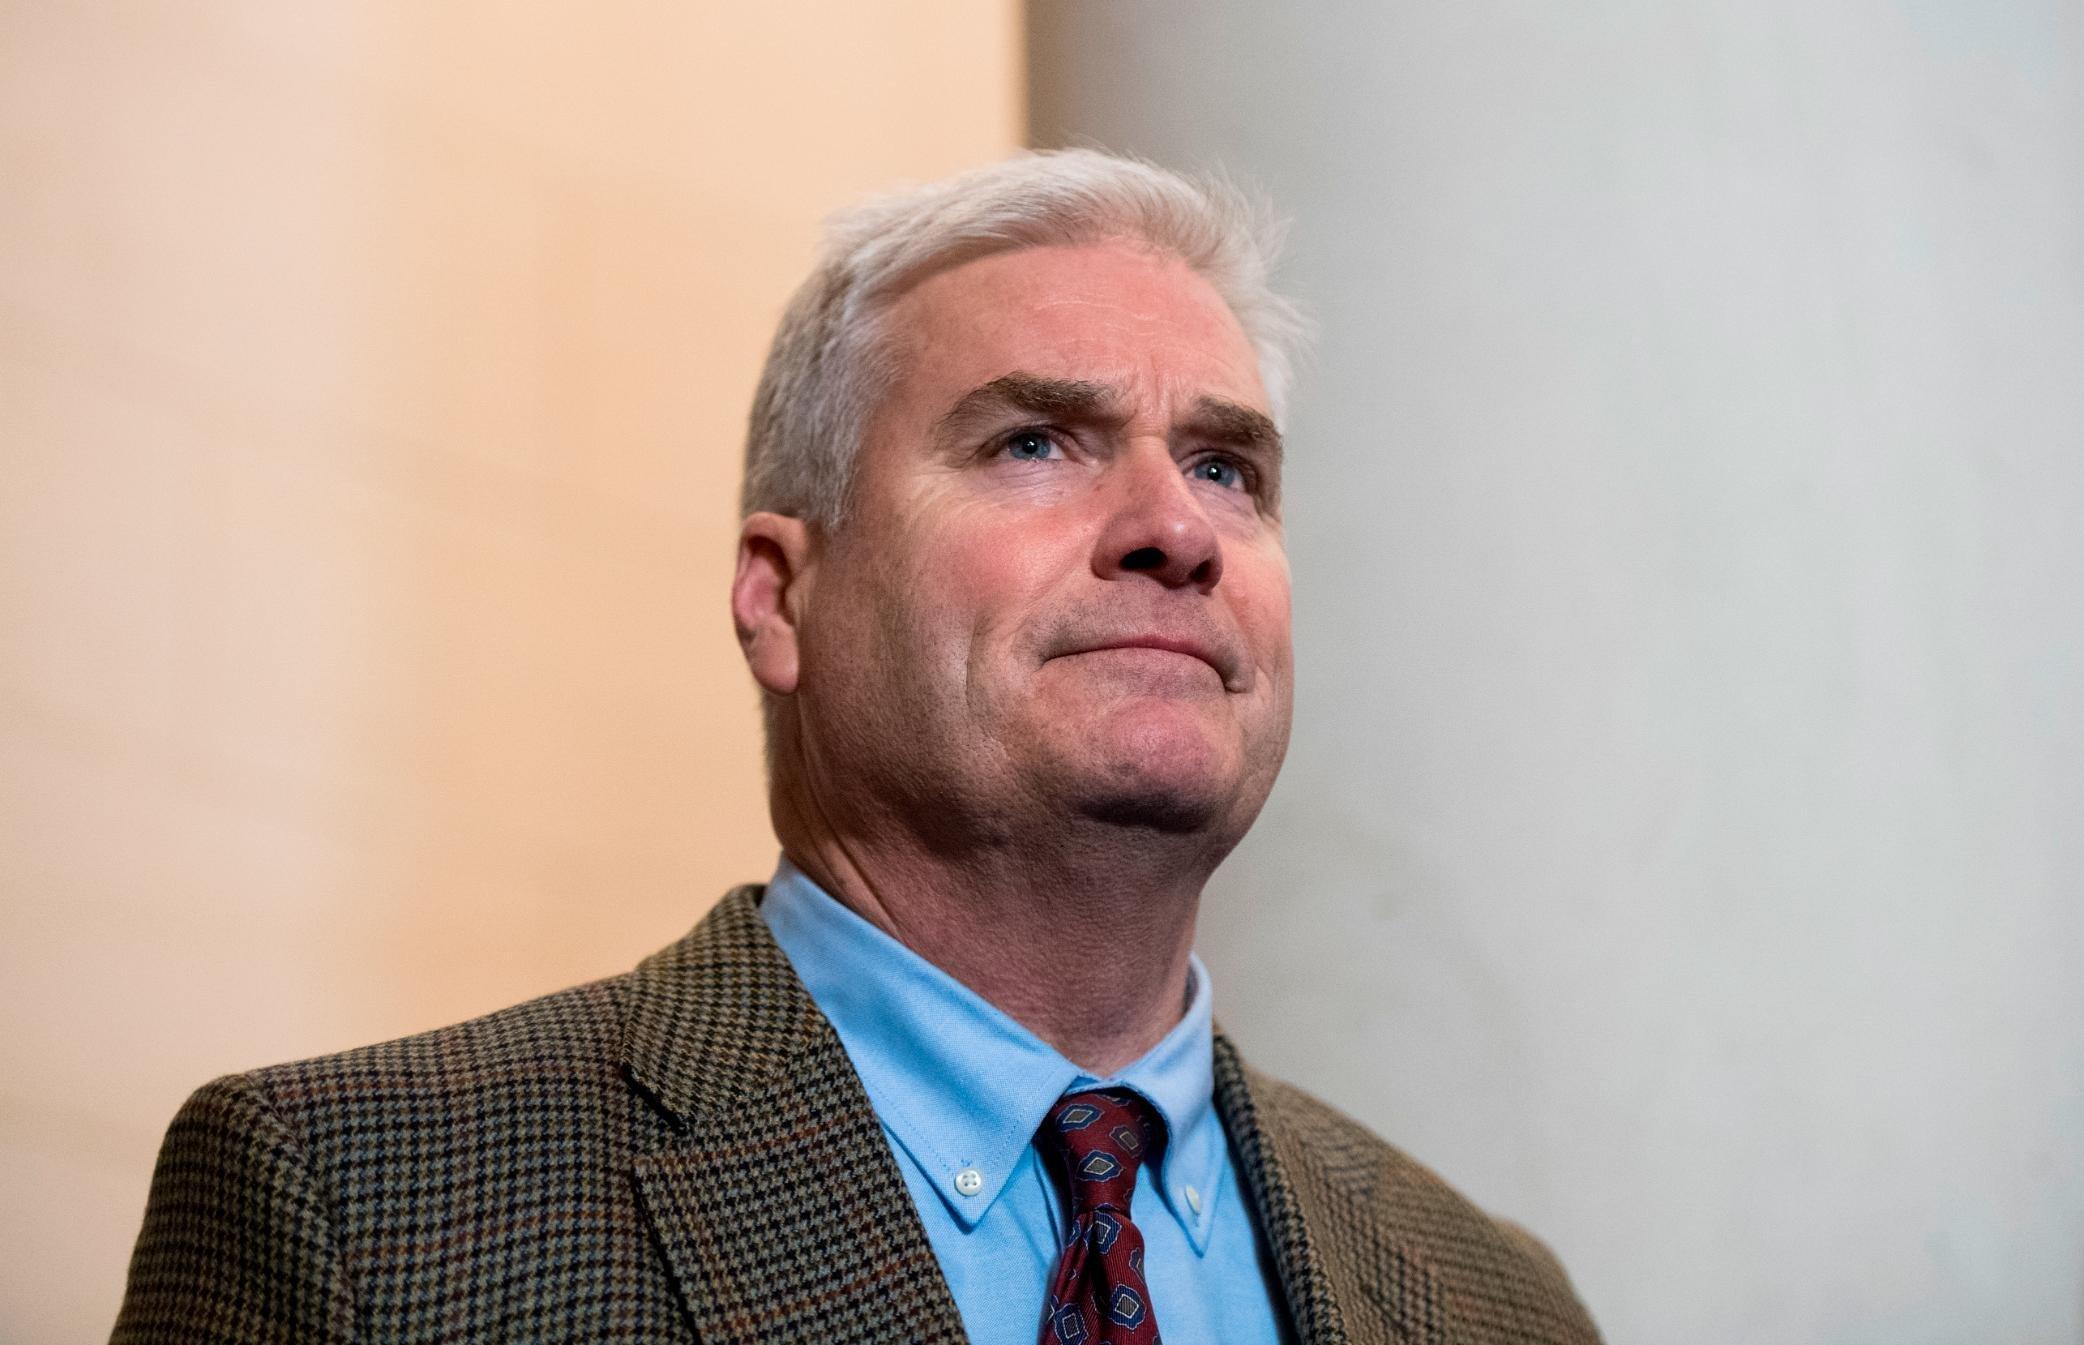 It's not just Trump: NRCC labels Democrats 'socialist' and 'deranged'